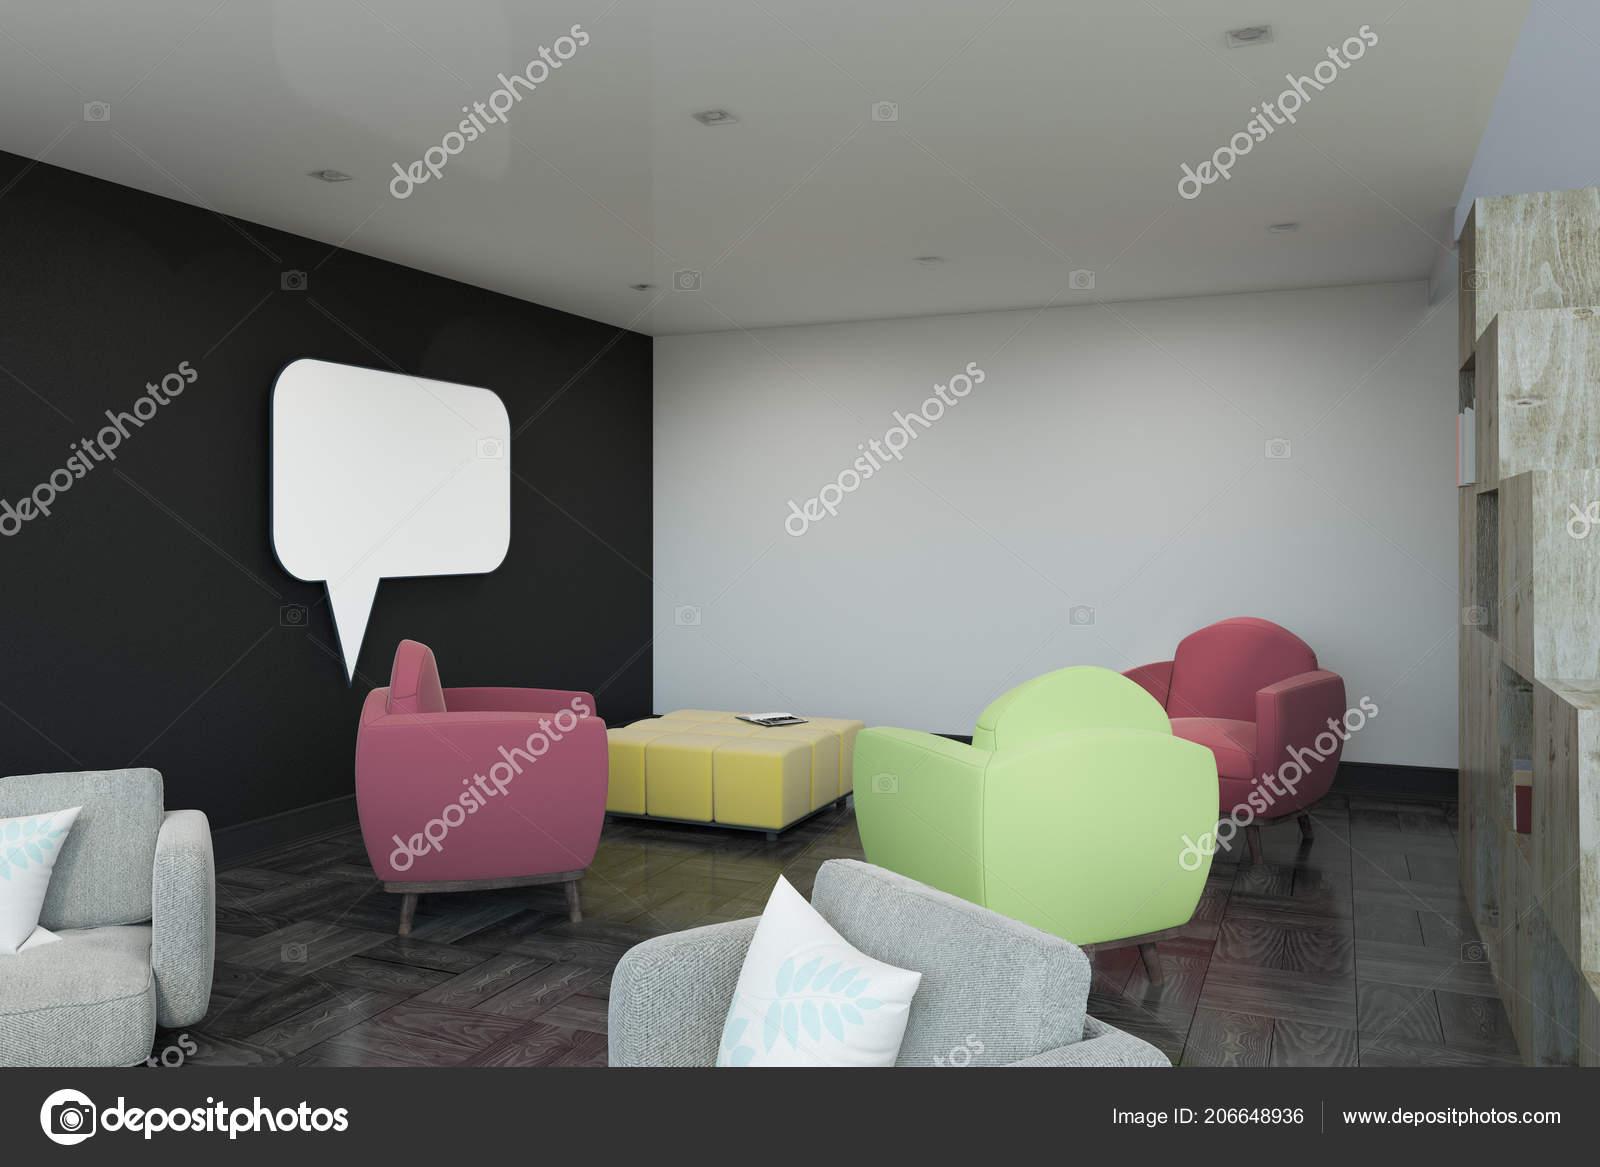 Sillones Coloridos.Interior Moderno Con Sillones Coloridos Ventana Chat Pared